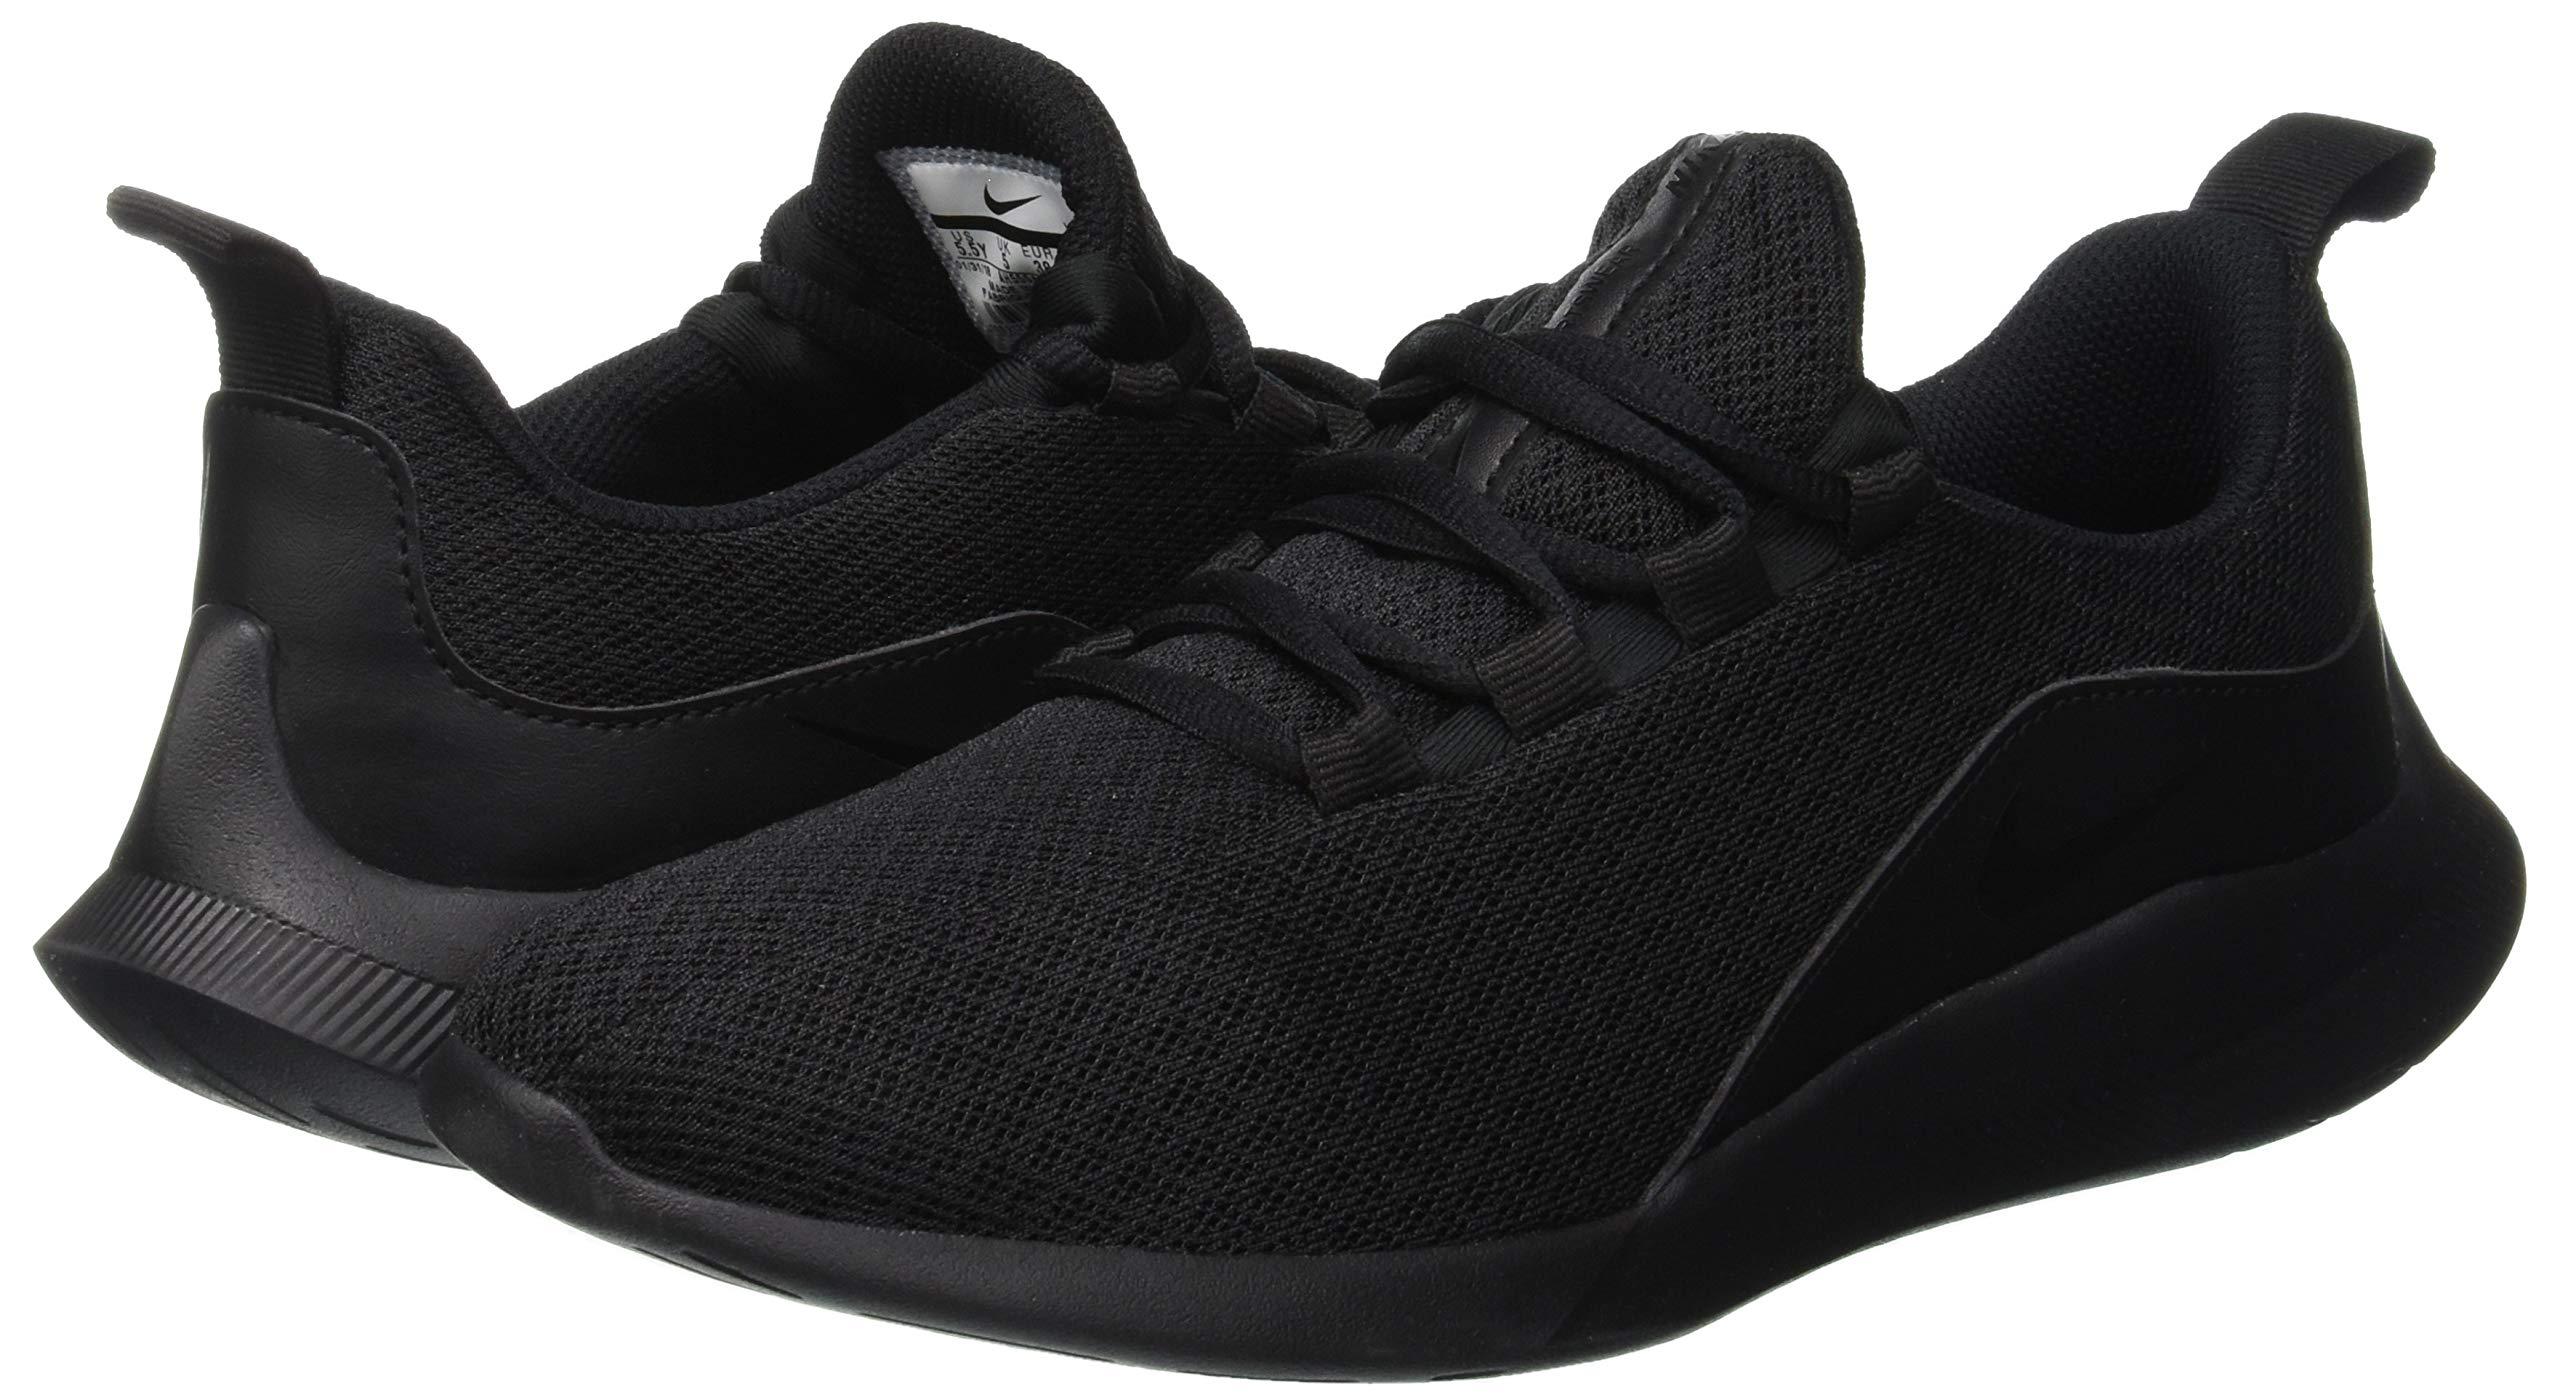 Nike Boys' Viale (GS) Running Shoe, Black, 4Y Youth US Big Kid by Nike (Image #5)